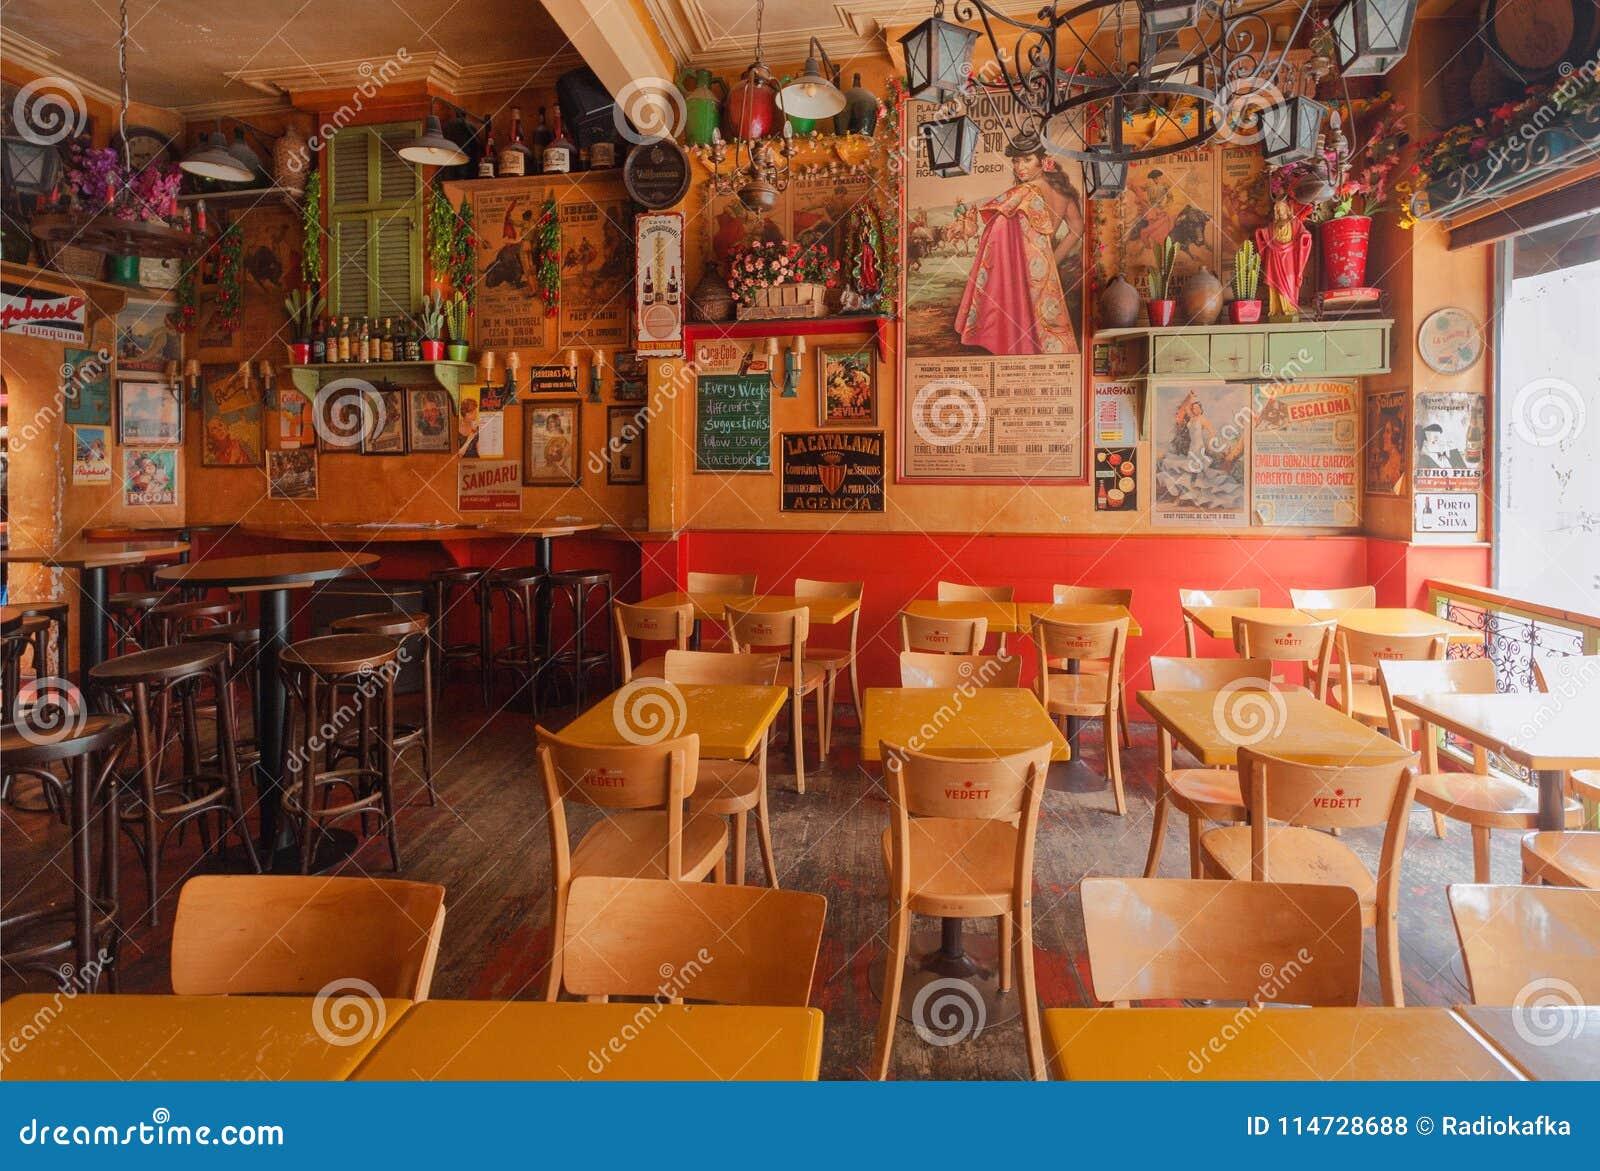 Leeg restaurant in mexicaanse stijl met lijsten en antieke